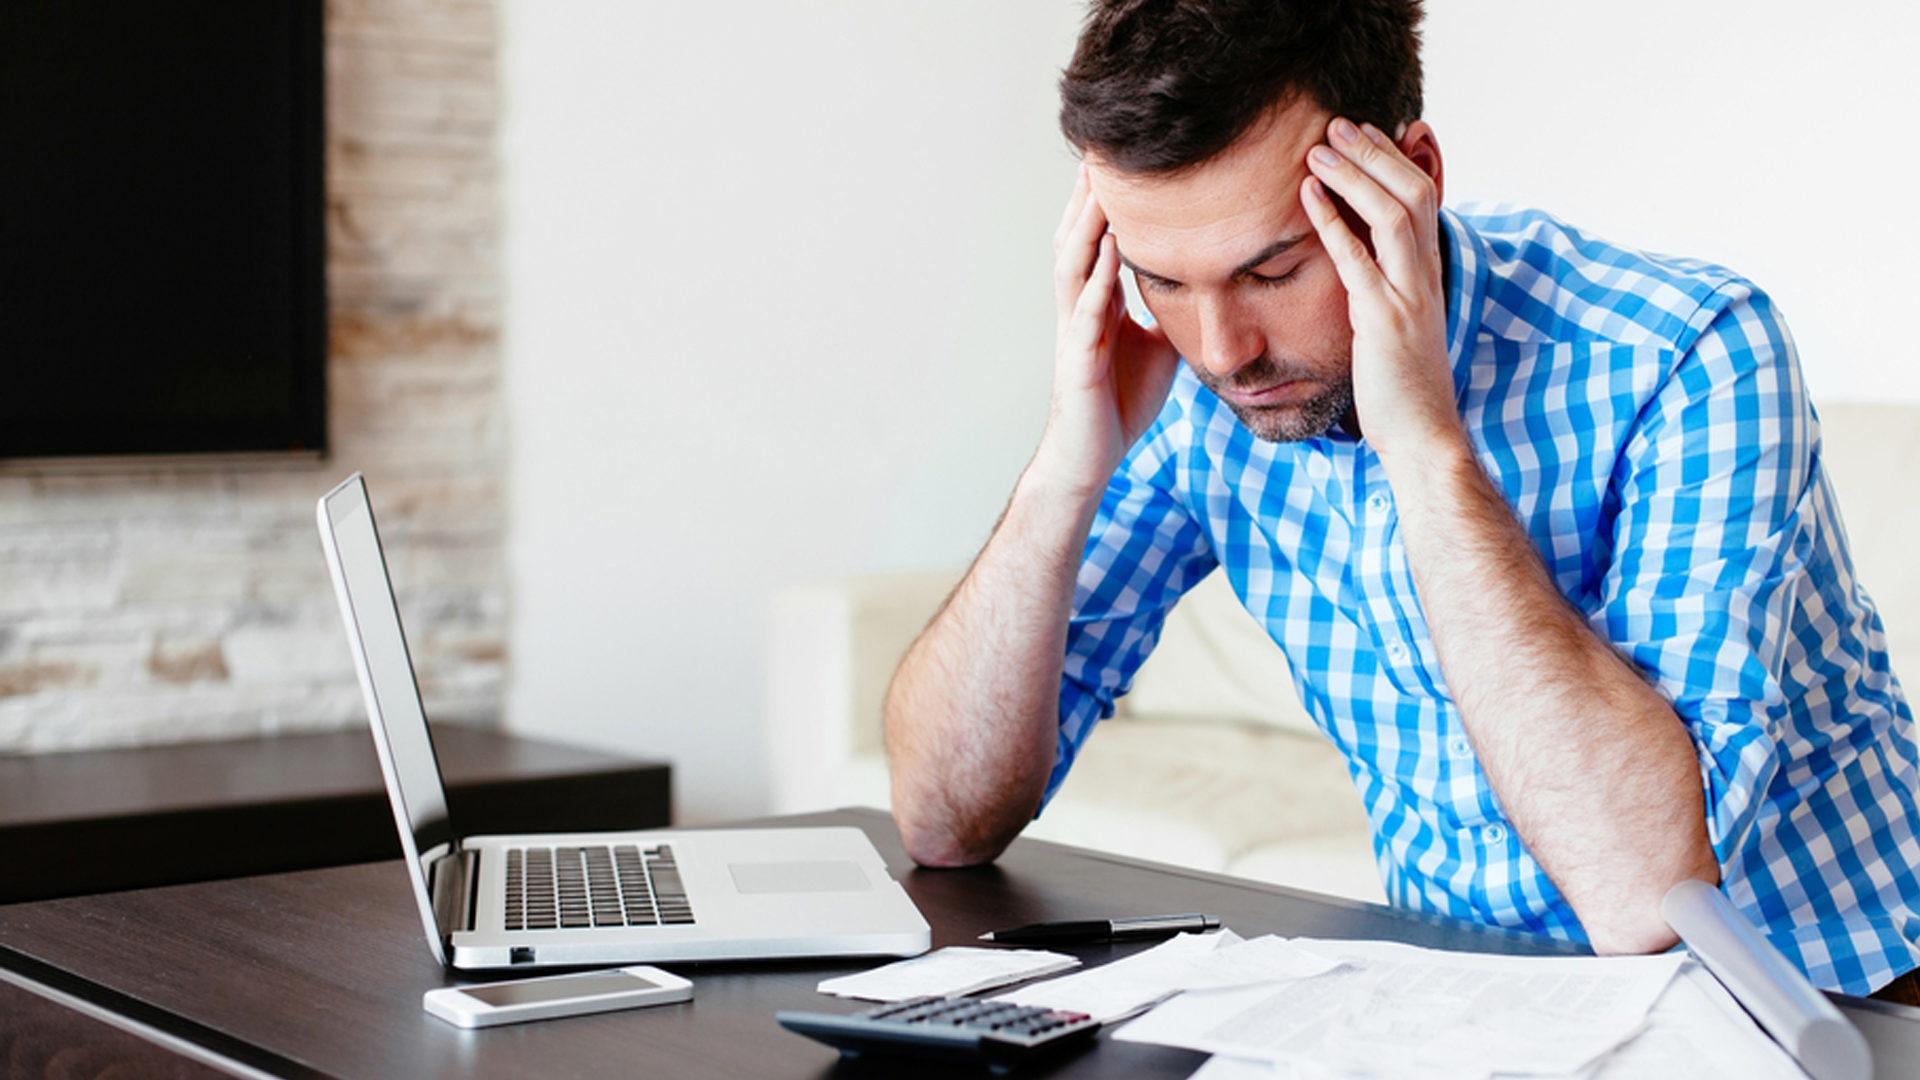 Удаленная работа специалист по взысканию задолженности оператор на телефоне свободный график удаленная работа